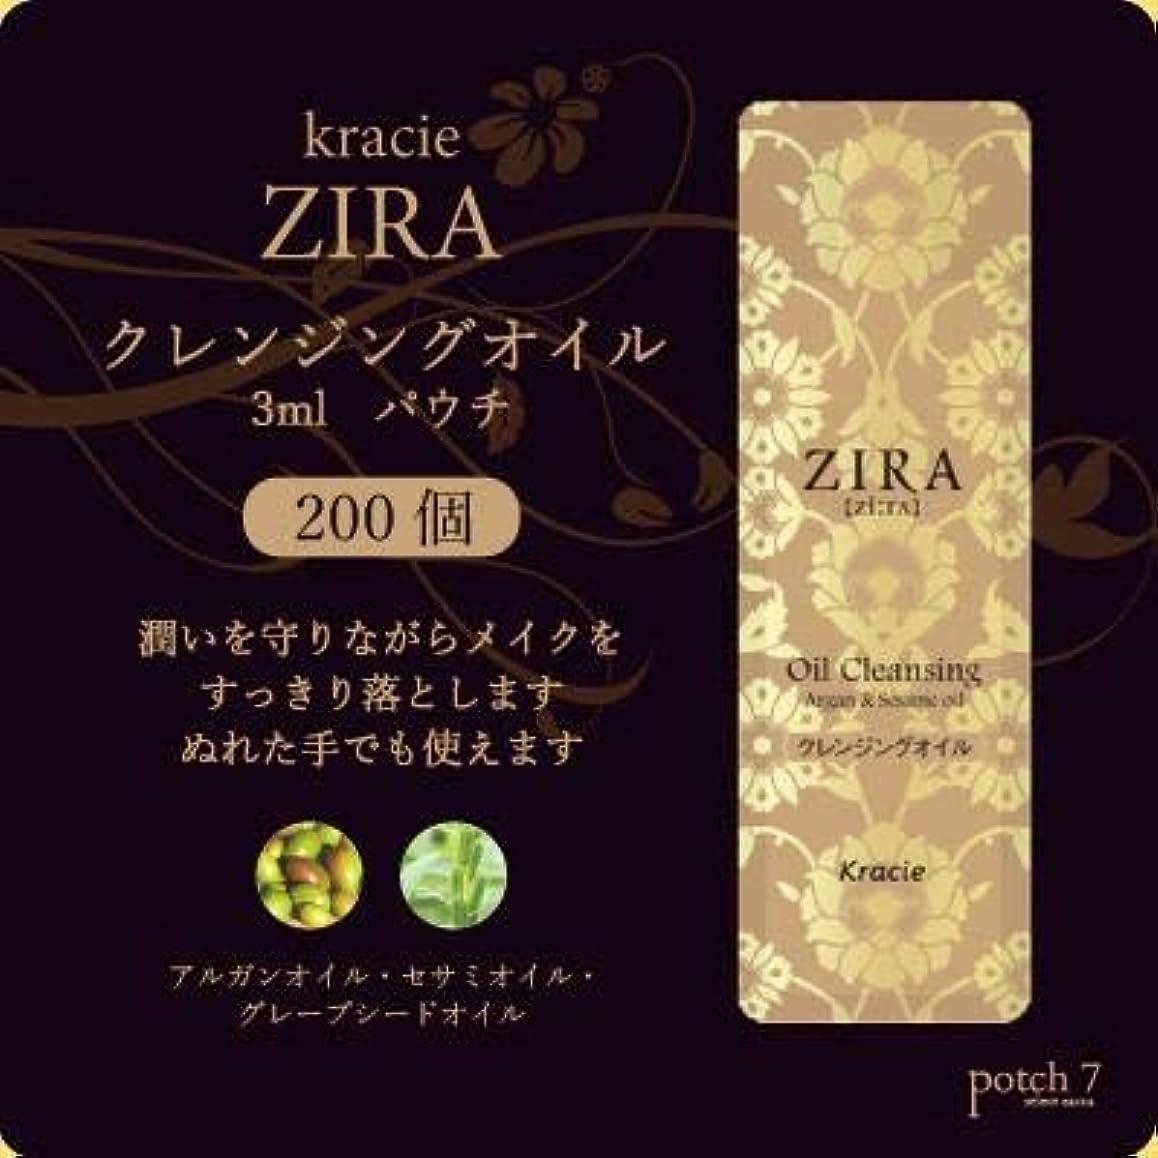 露出度の高い測るマチュピチュKracie クラシエ ZIRA ジーラ クレンジングオイル パウチ 3ml 200個入